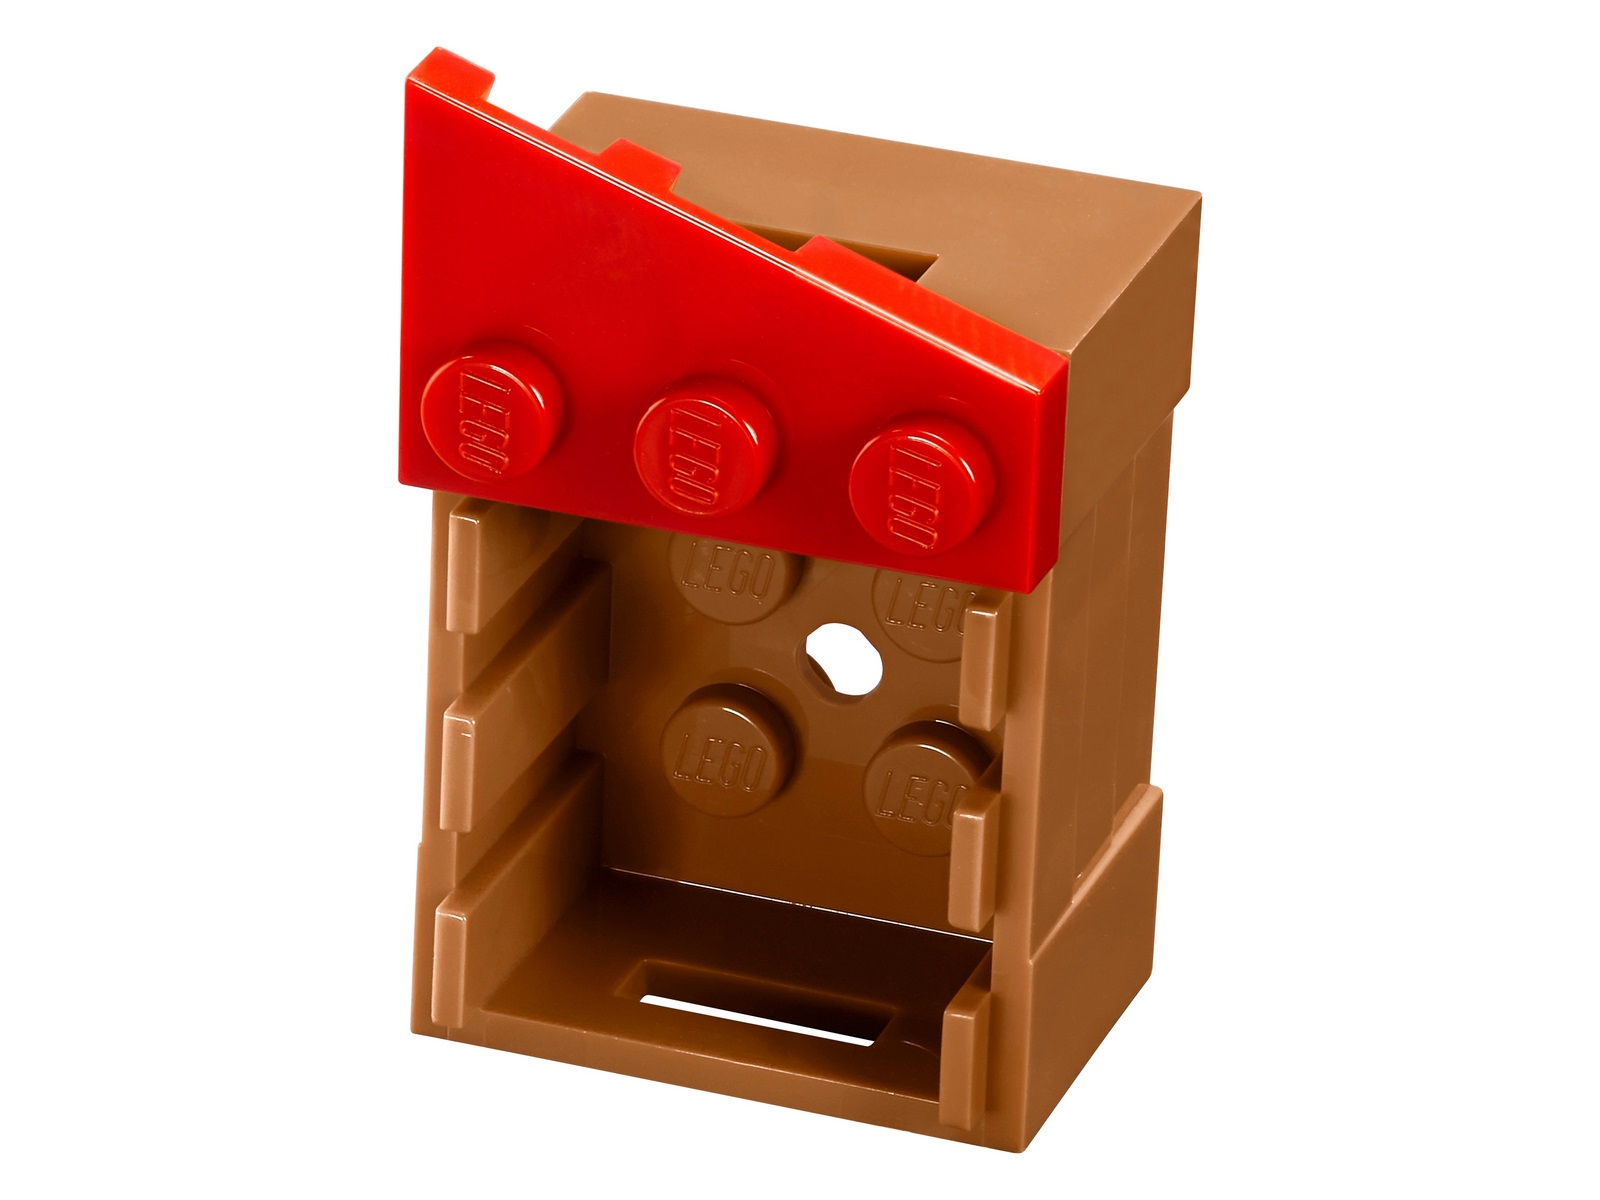 Конструктор LEGO Unikitty «Машина-облако Юникитти» 41451 / 126 деталей